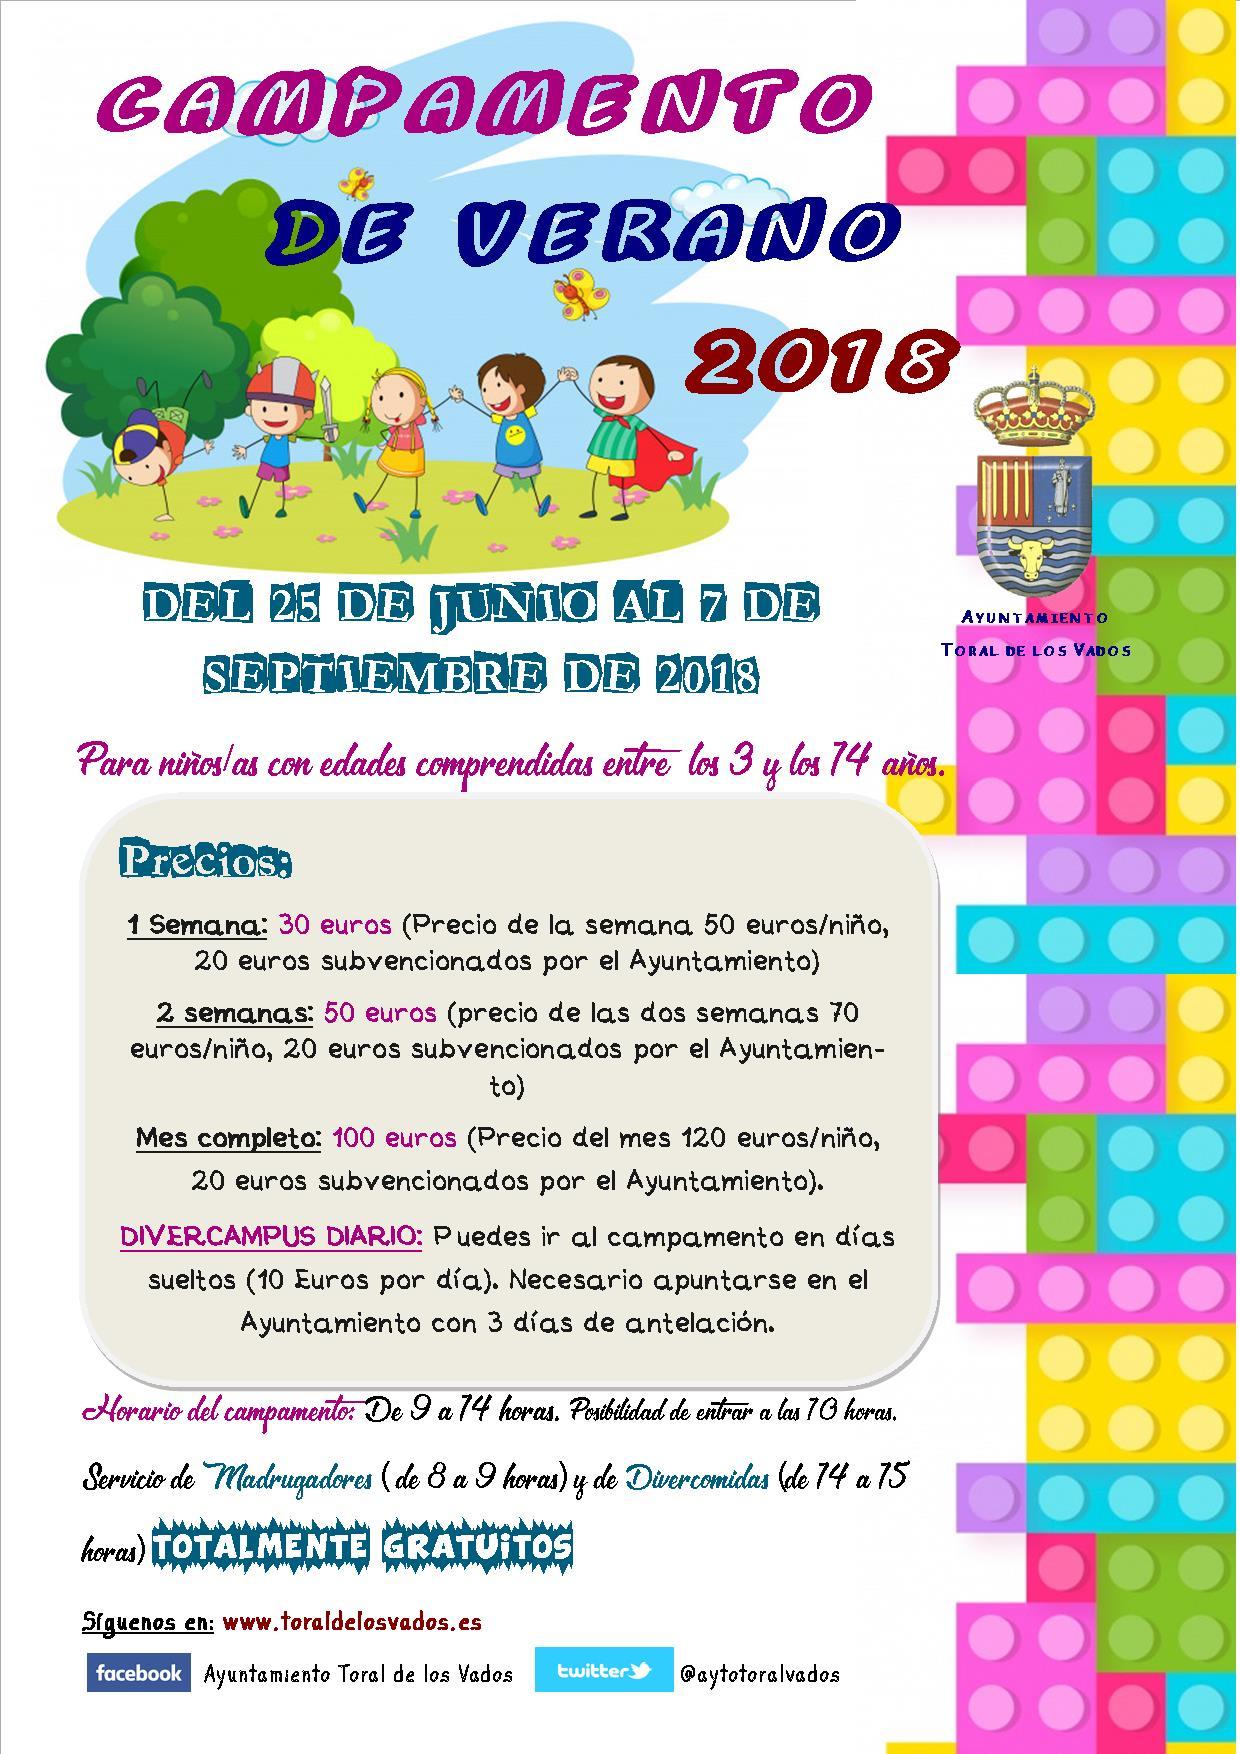 Campamentos de verano para niños 2018 en Ponferrada y El Bierzo 35